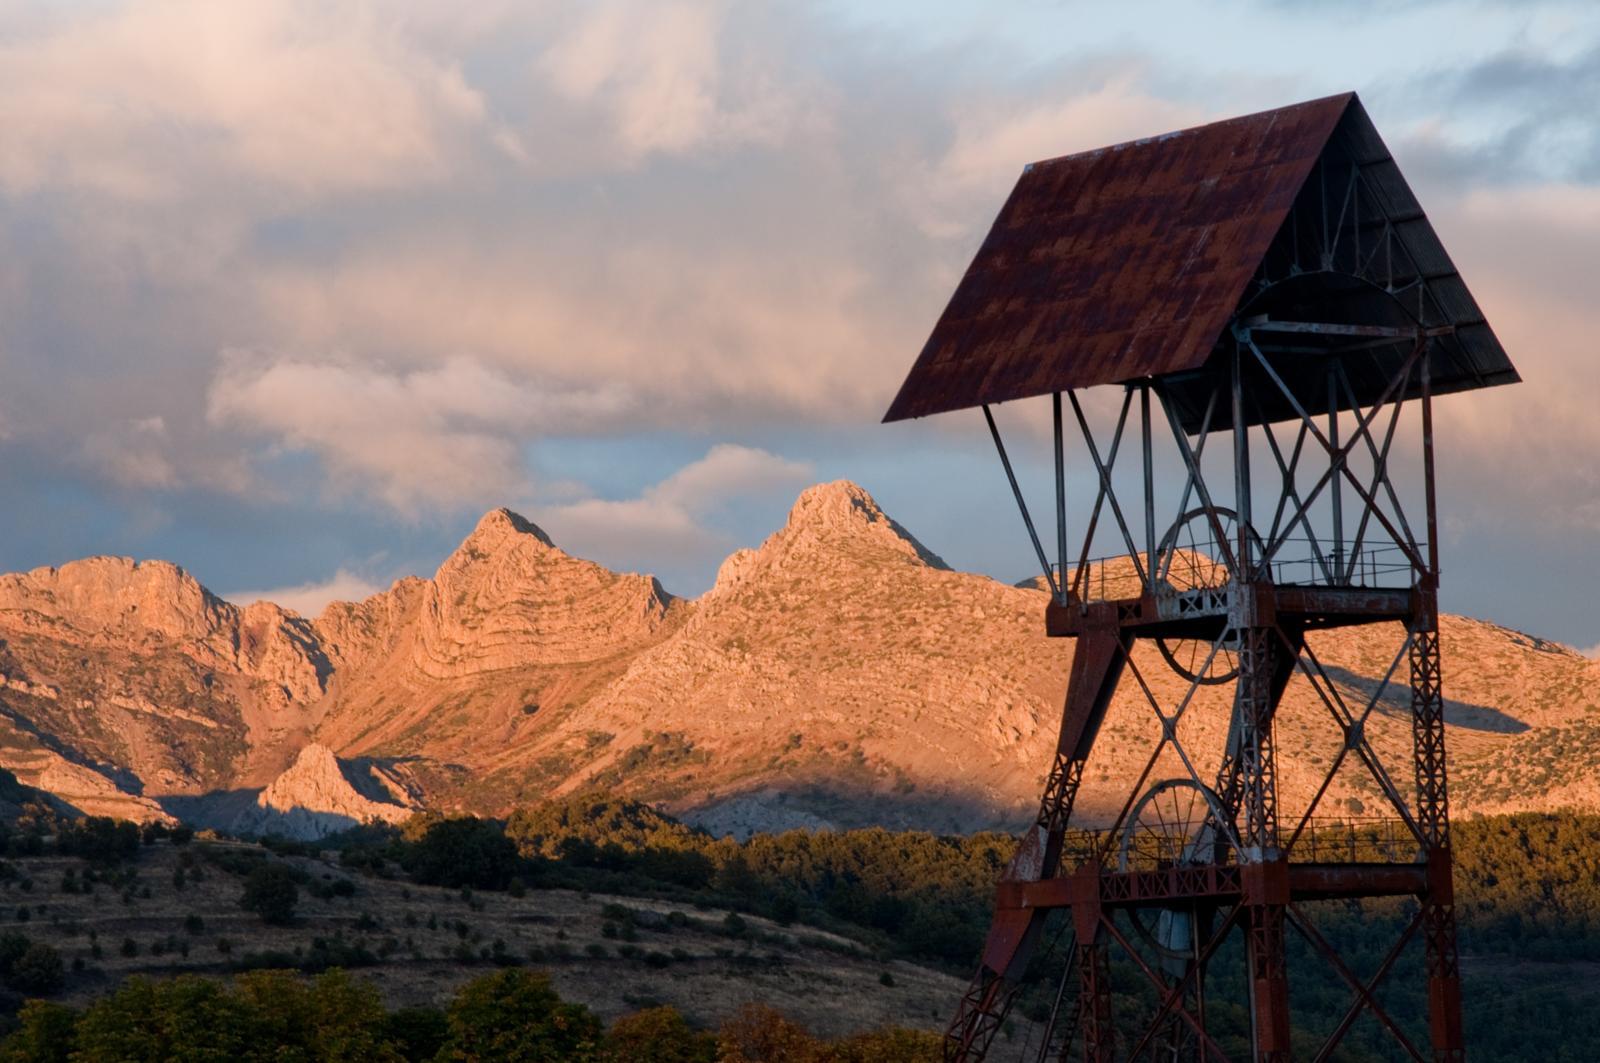 Concurso de Fotos y Postales del Valle de Sabero en León